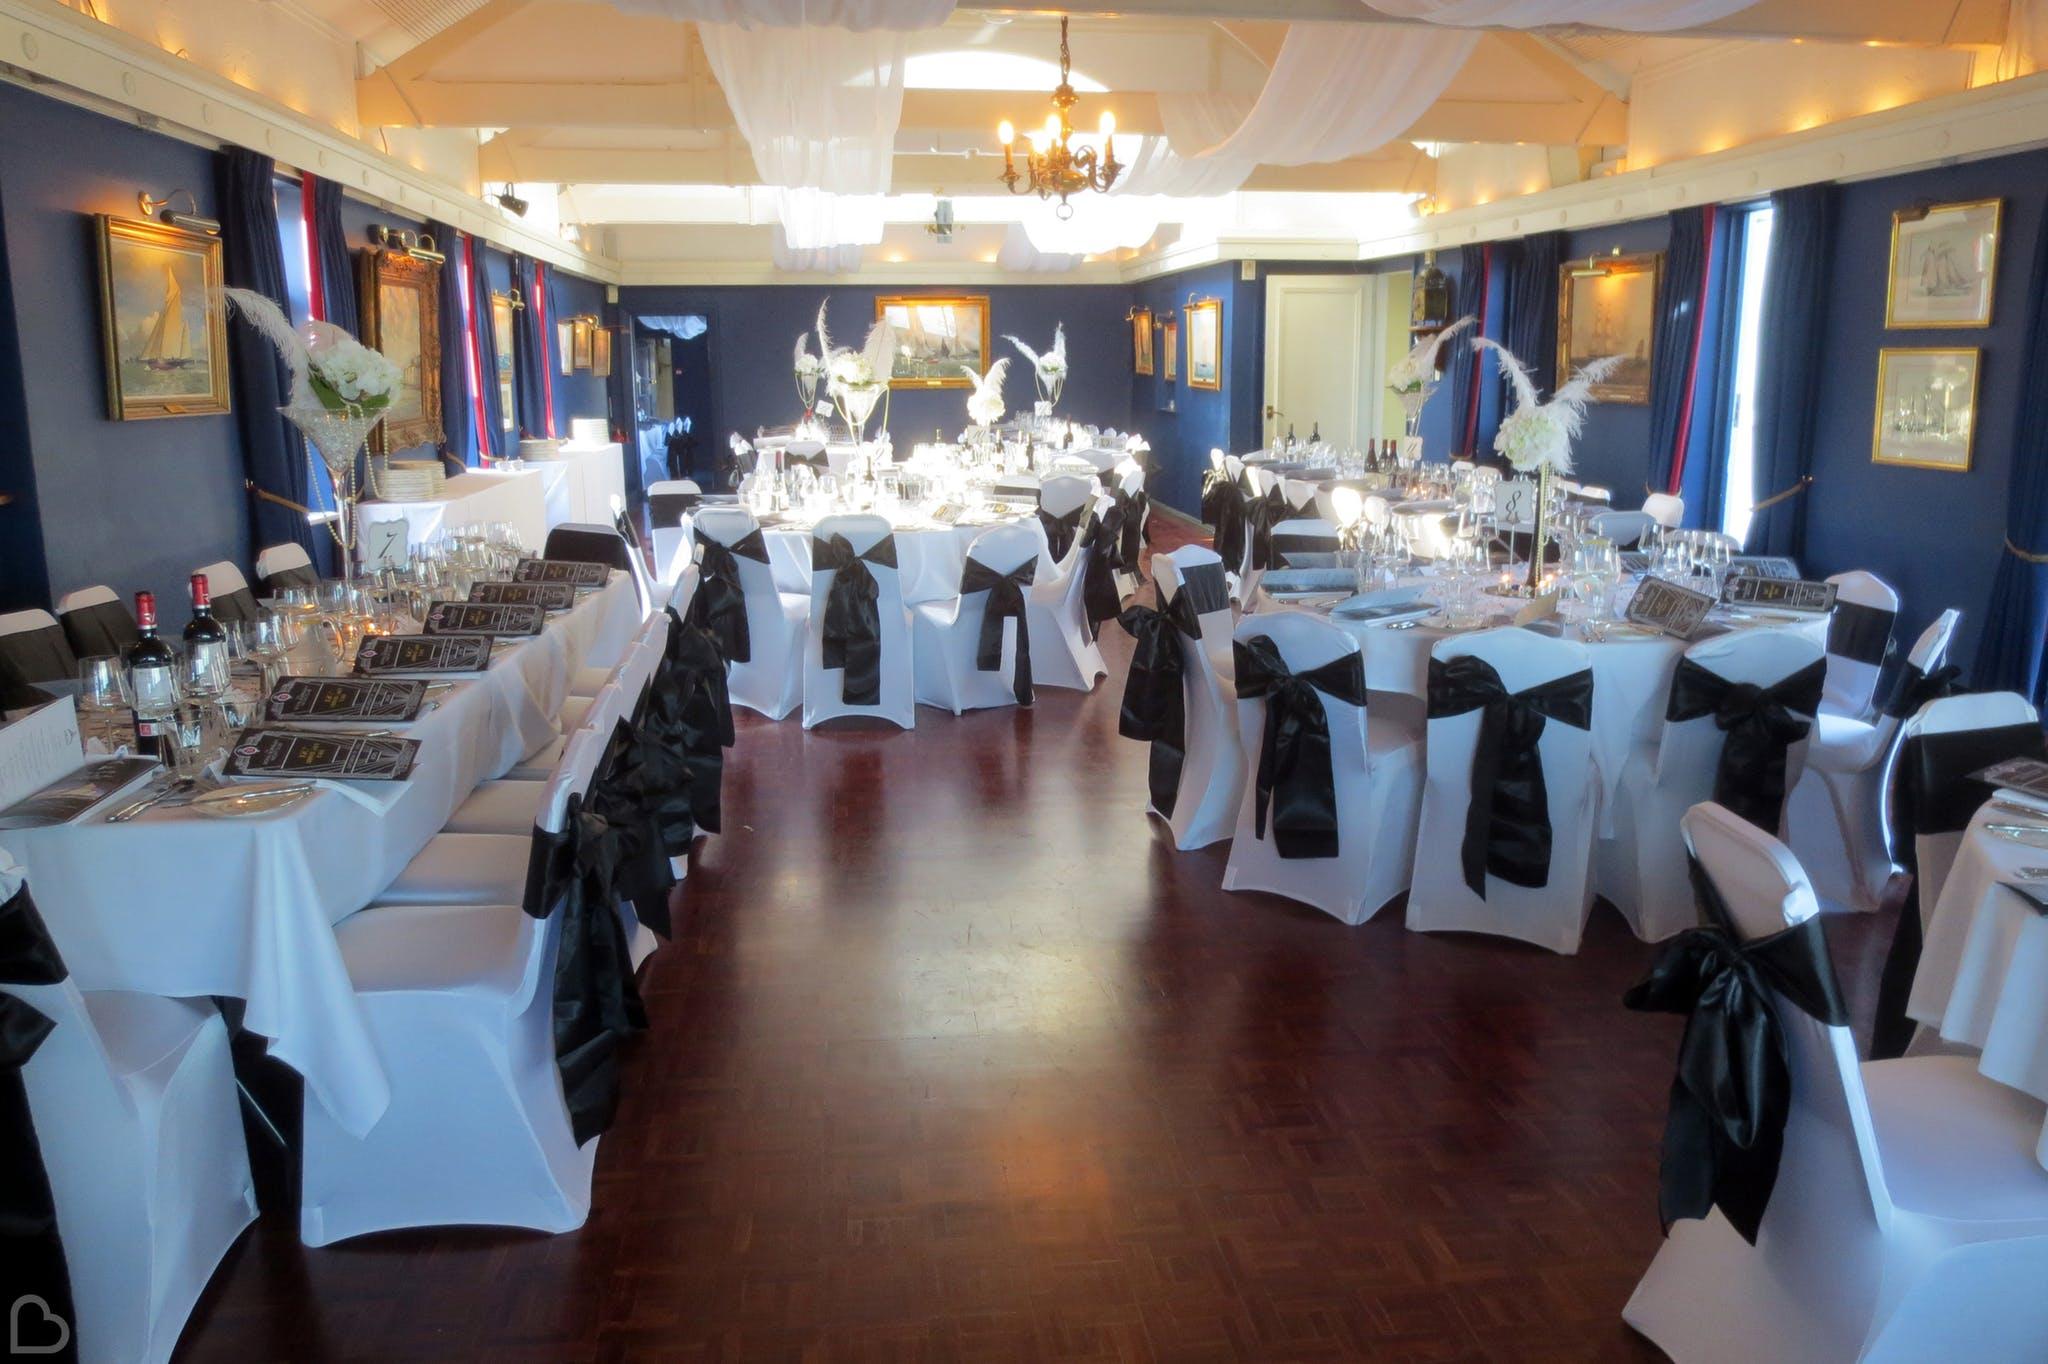 The Royal Burnham Yacht Club